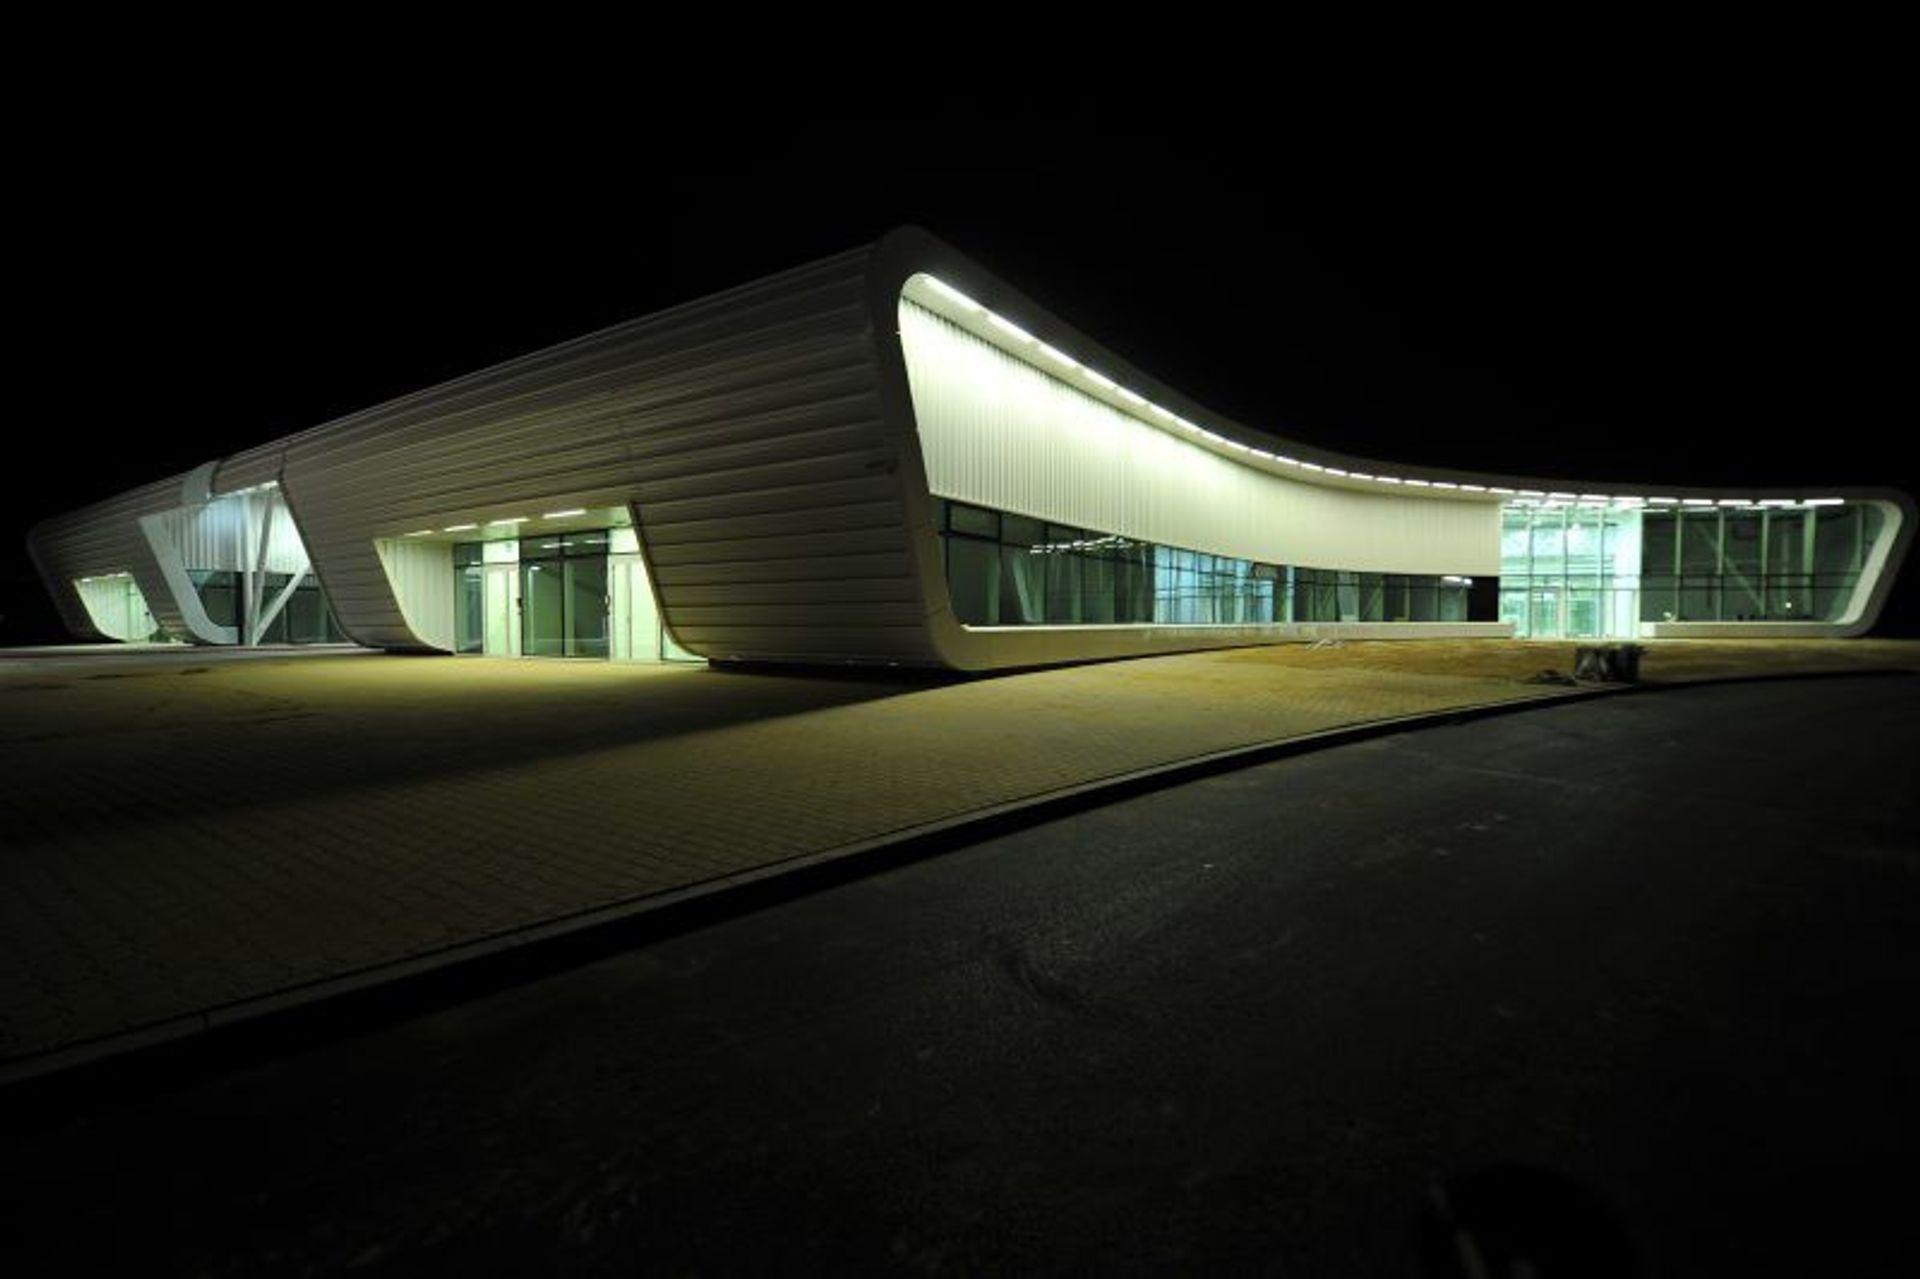 [Lublin] Ostatnia prosta Portu Lotniczego Lublin przed pierwszym lotem